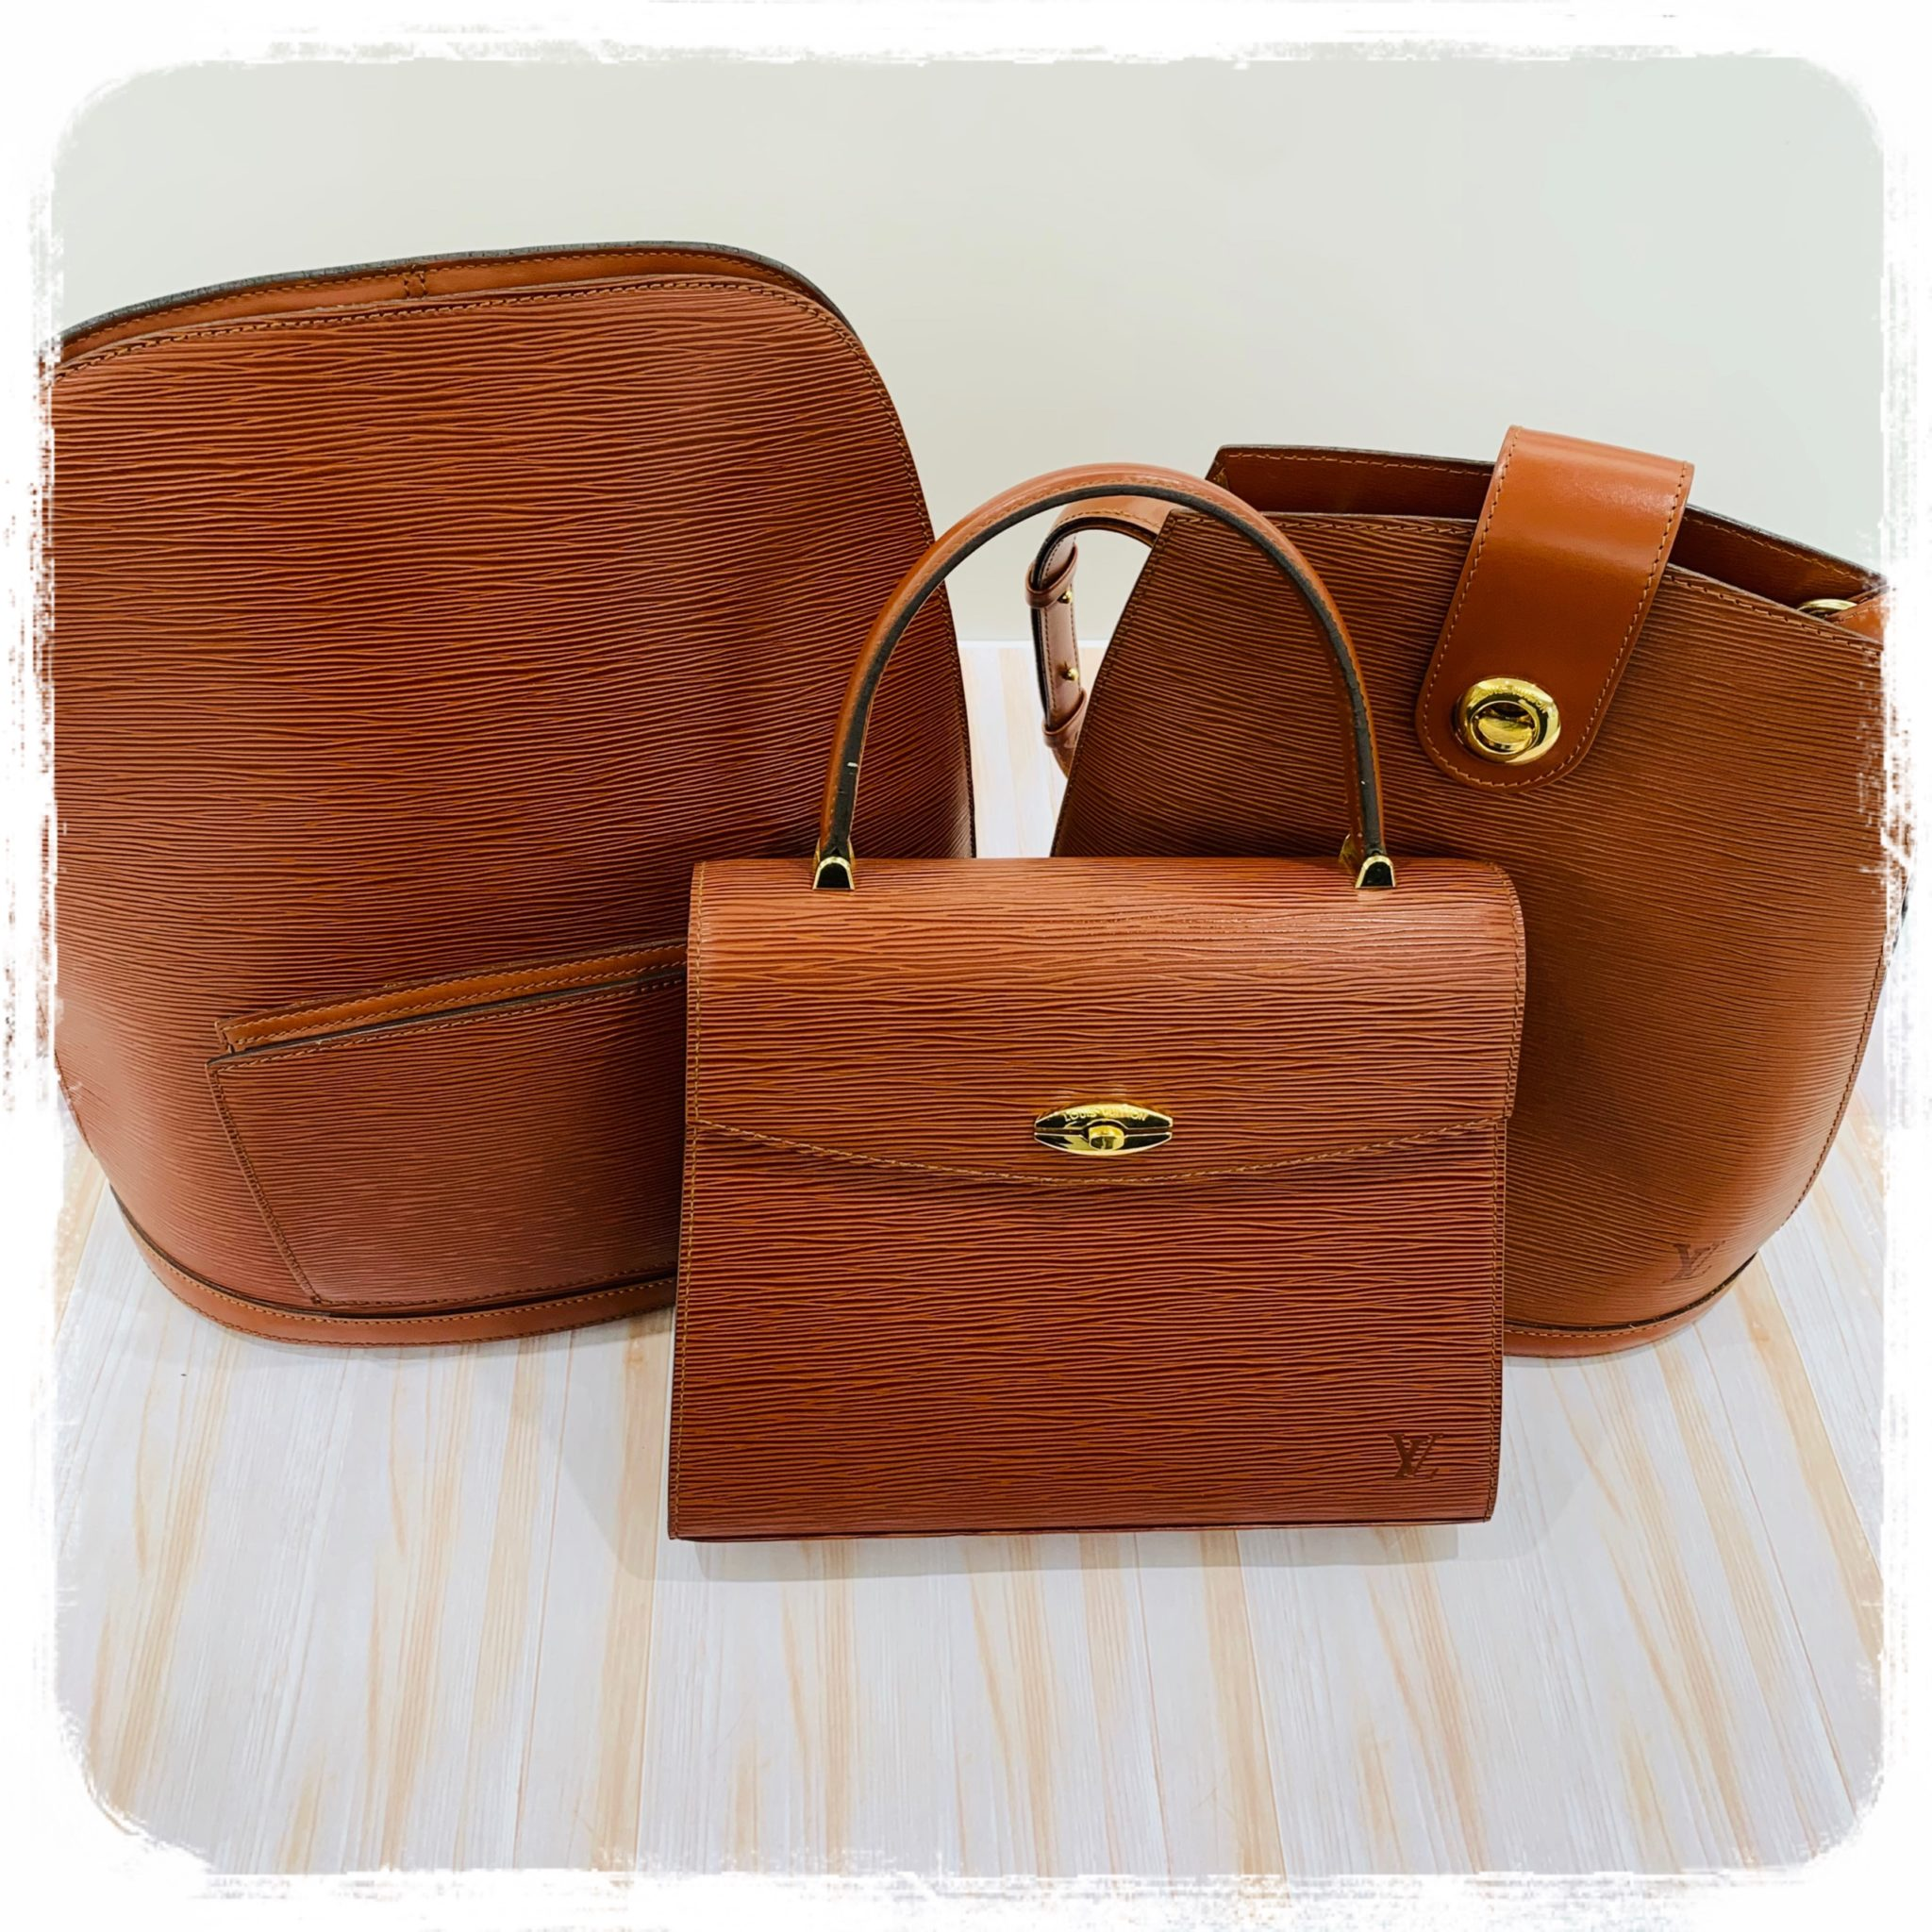 【ルイ・ヴィトン 販売 盛岡】シンプルでファッションを選ばない♡ルイ・ヴィトンのエピラインのバッグ